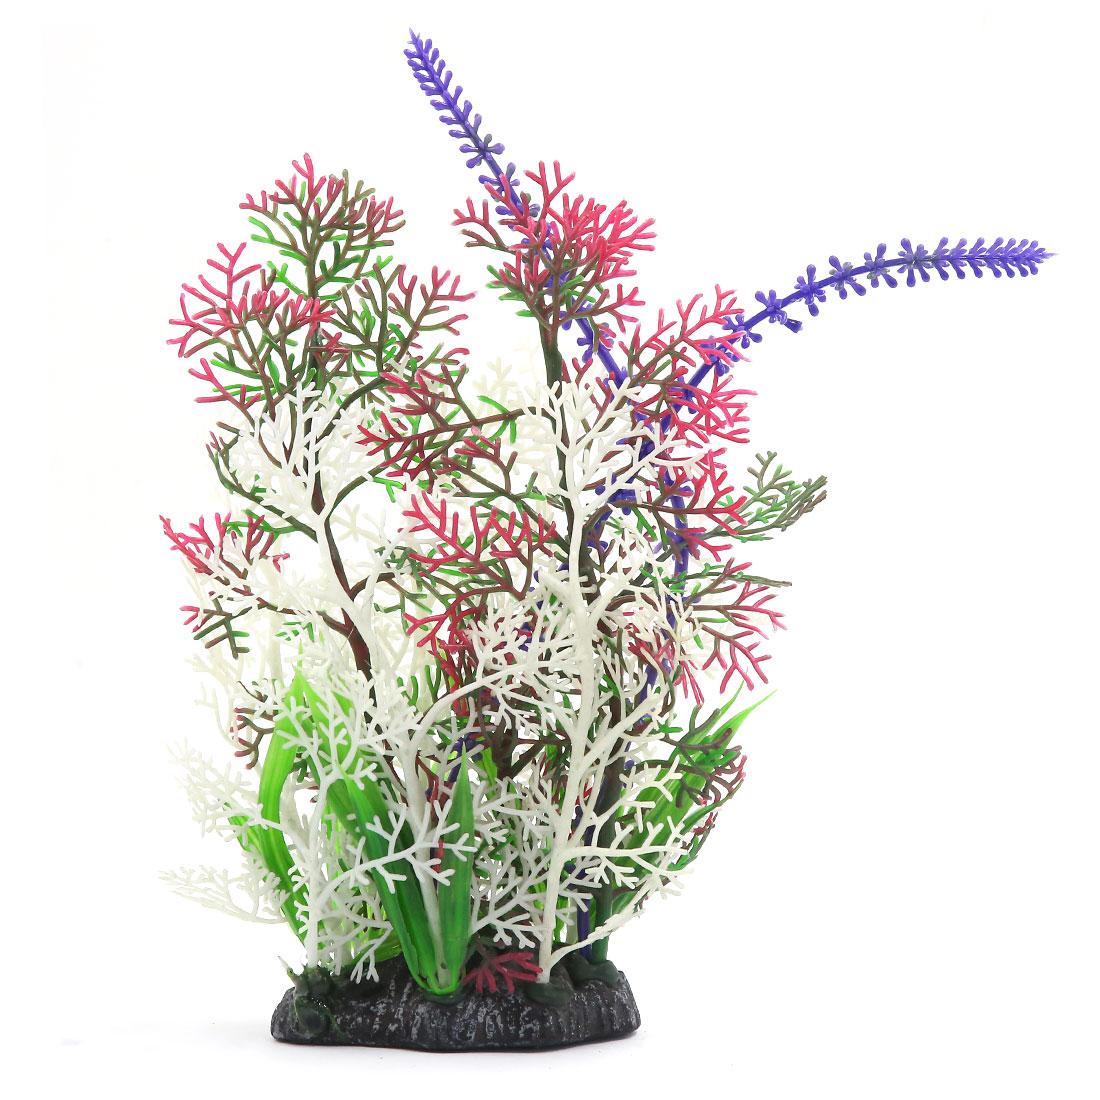 Multi-couleur Plante en plastique Paysage aquatique Décoration d'aquarium